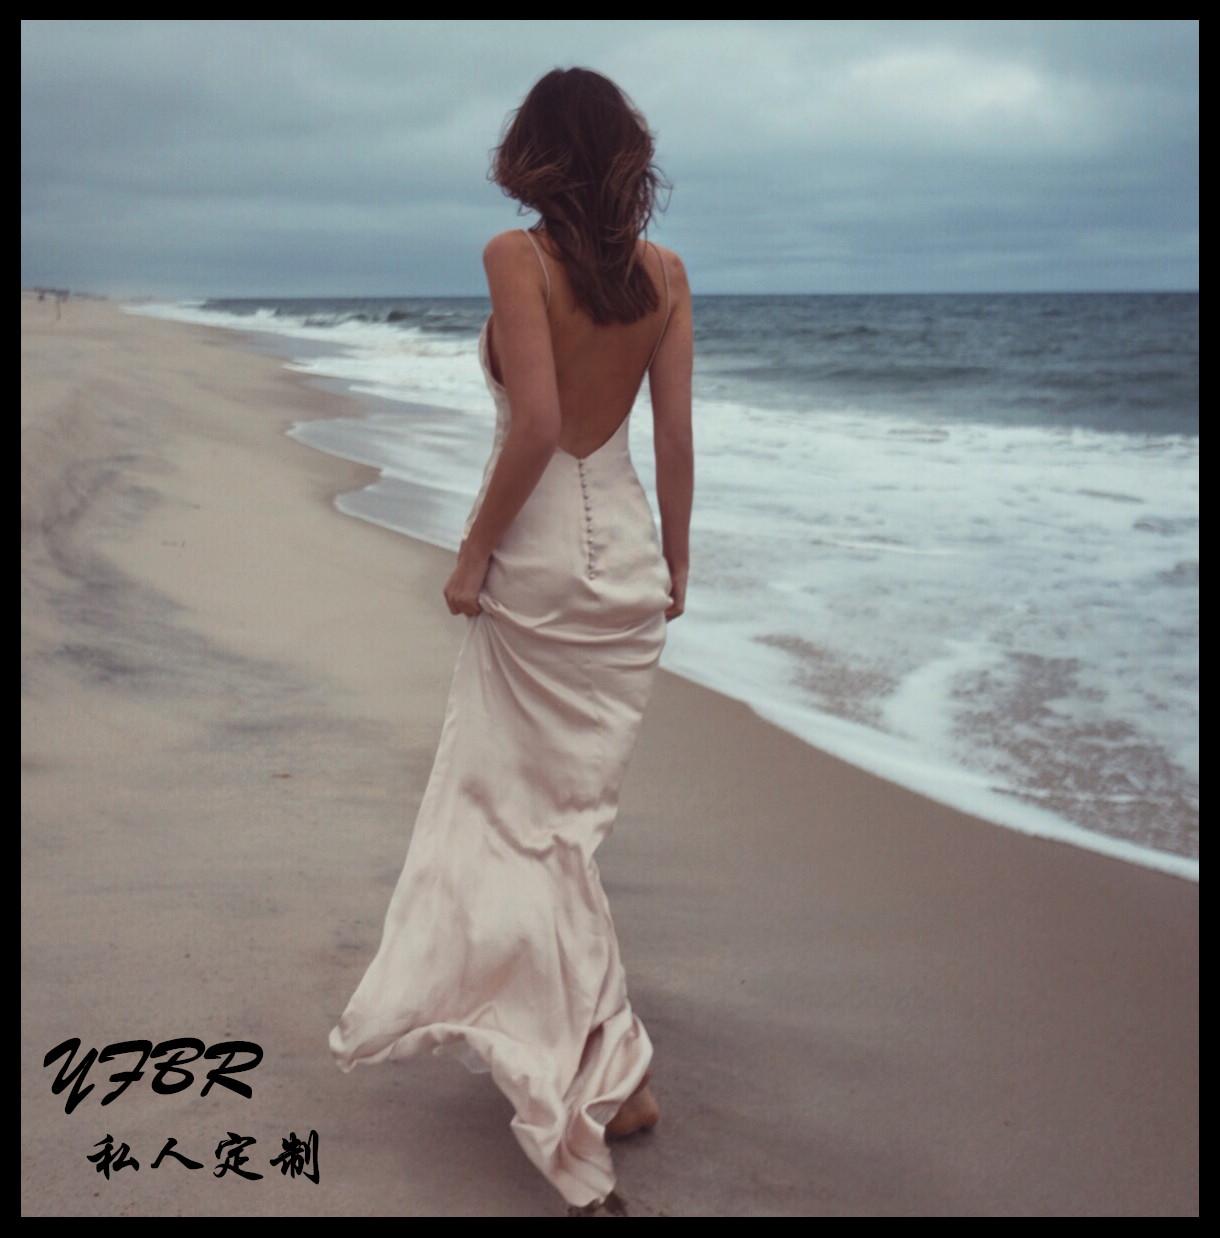 白色吊带连衣裙 欧美大牌性感深V领吊带露背雪纺拖地长裙连衣裙海边度假沙滩裙仙_推荐淘宝好看的白色吊带连衣裙